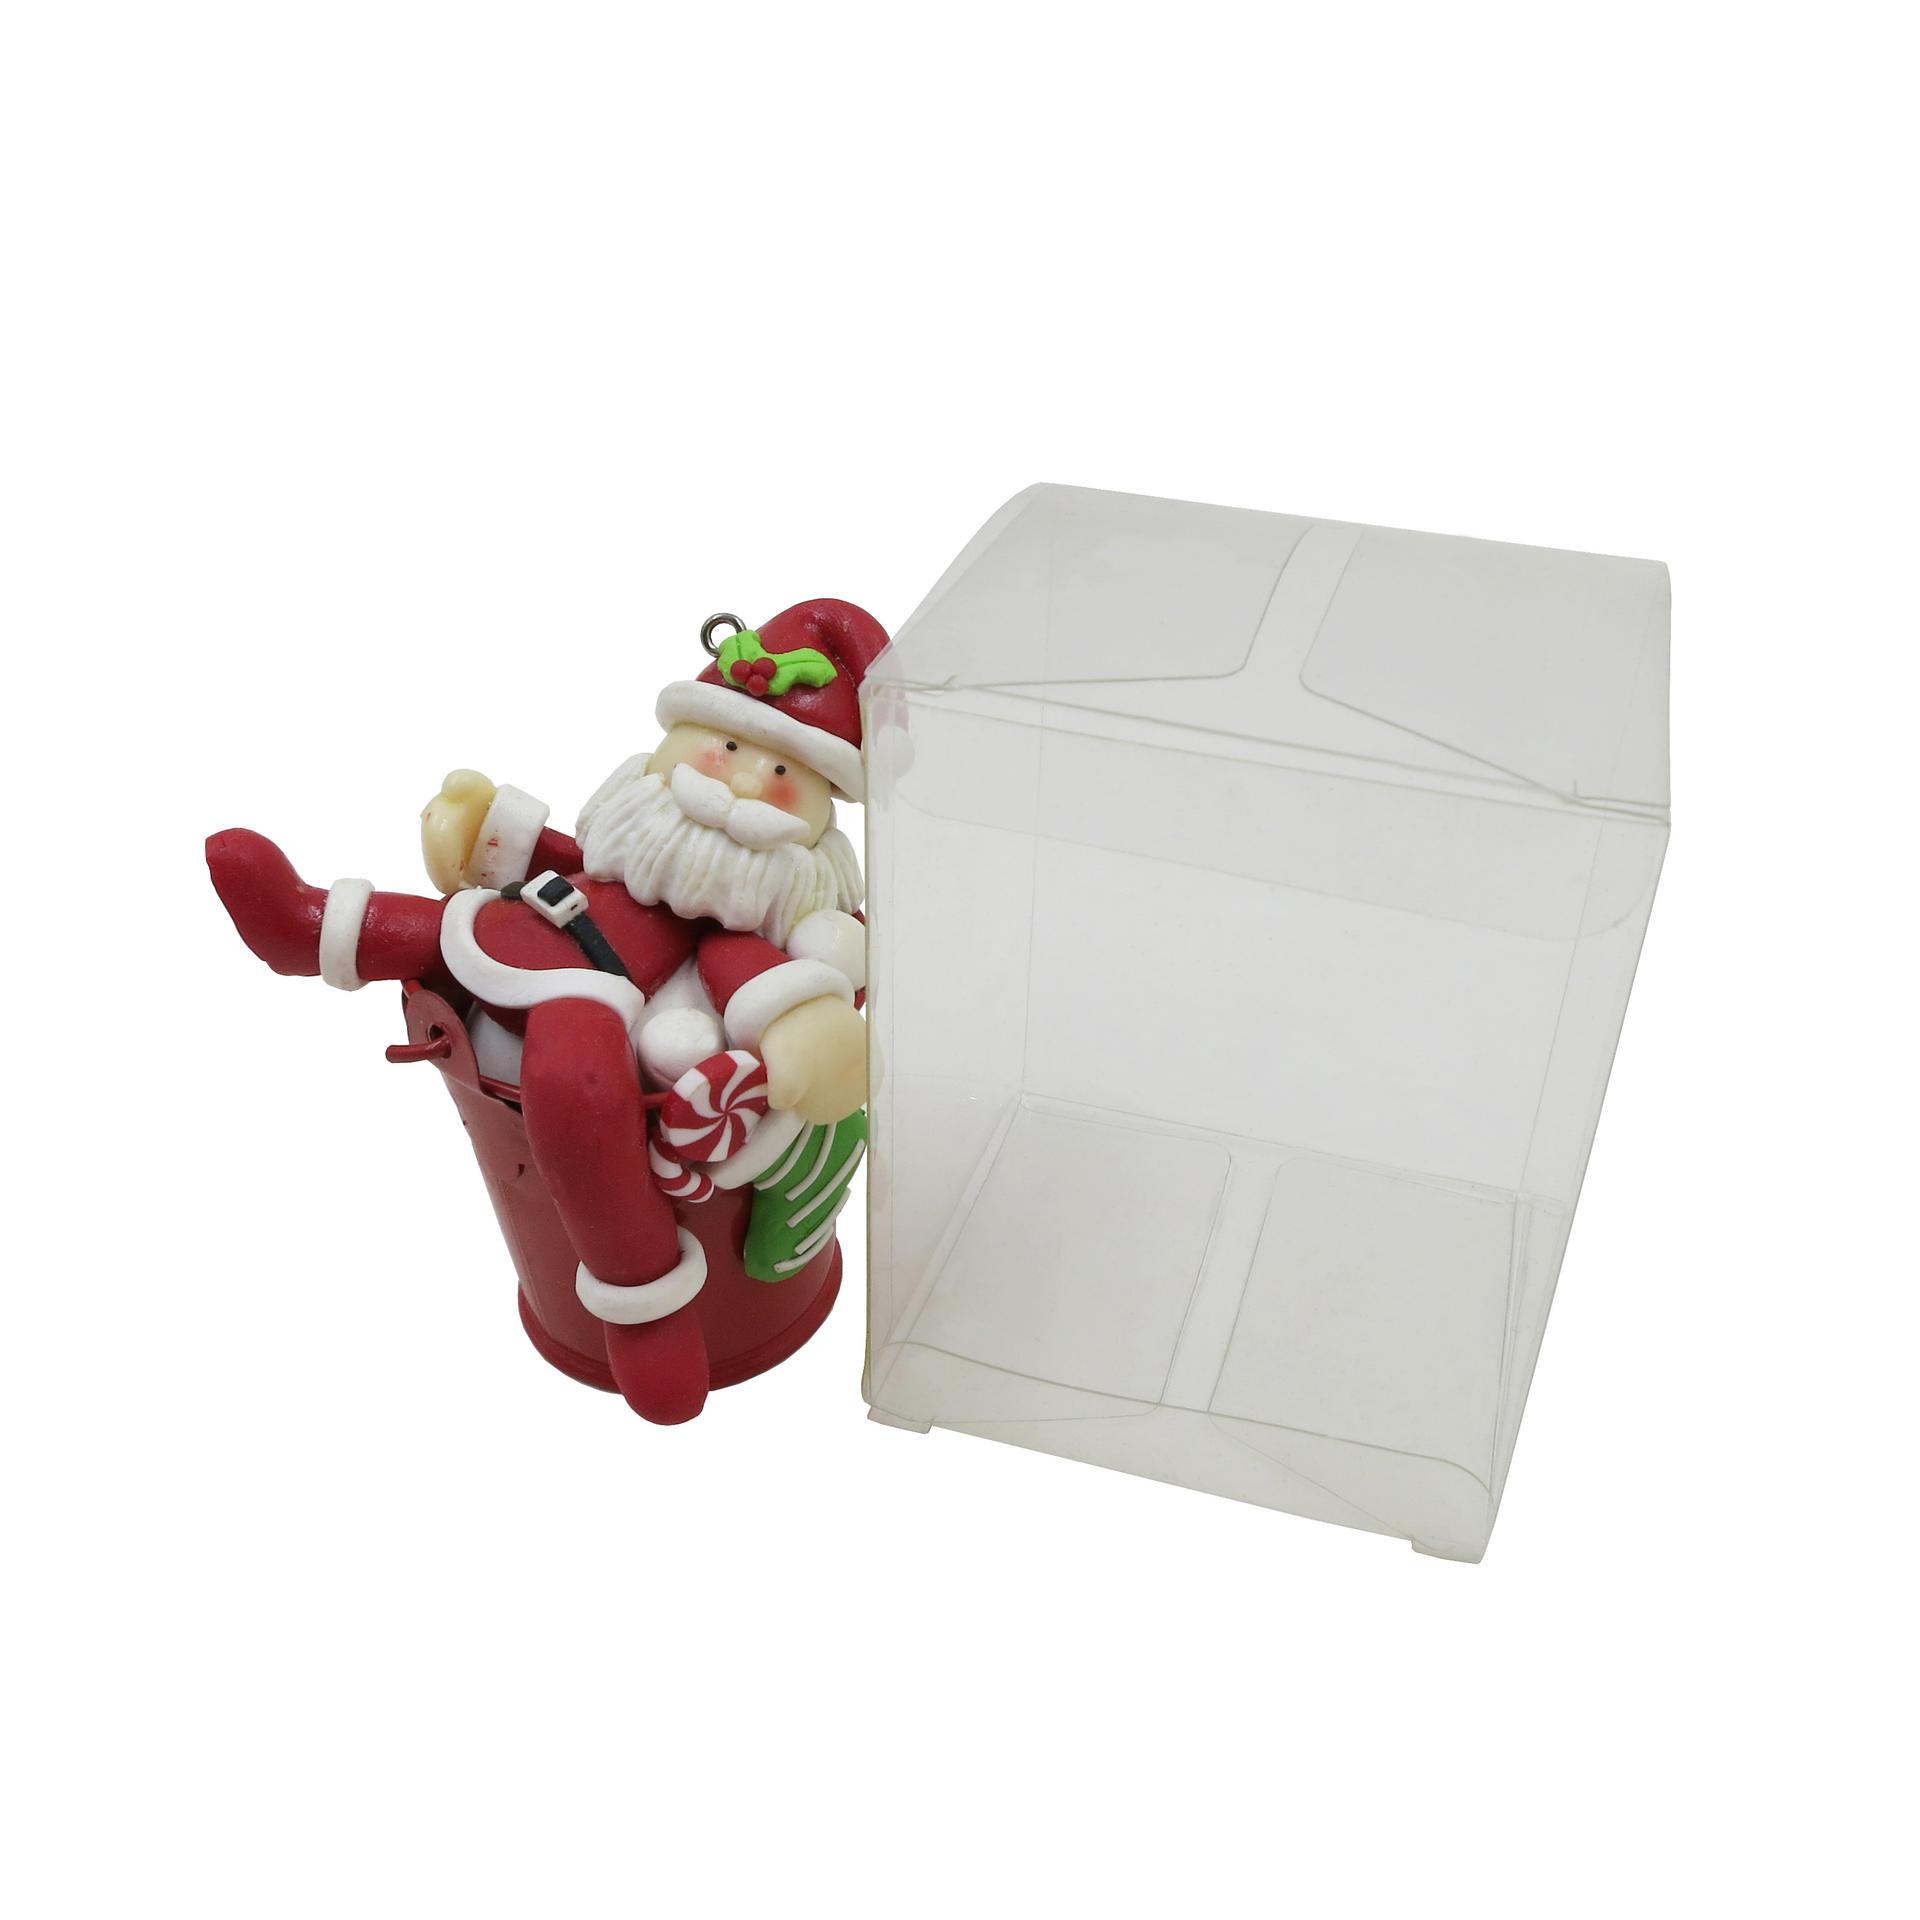 Square Clear Folding PVC Transparent Plastic Box